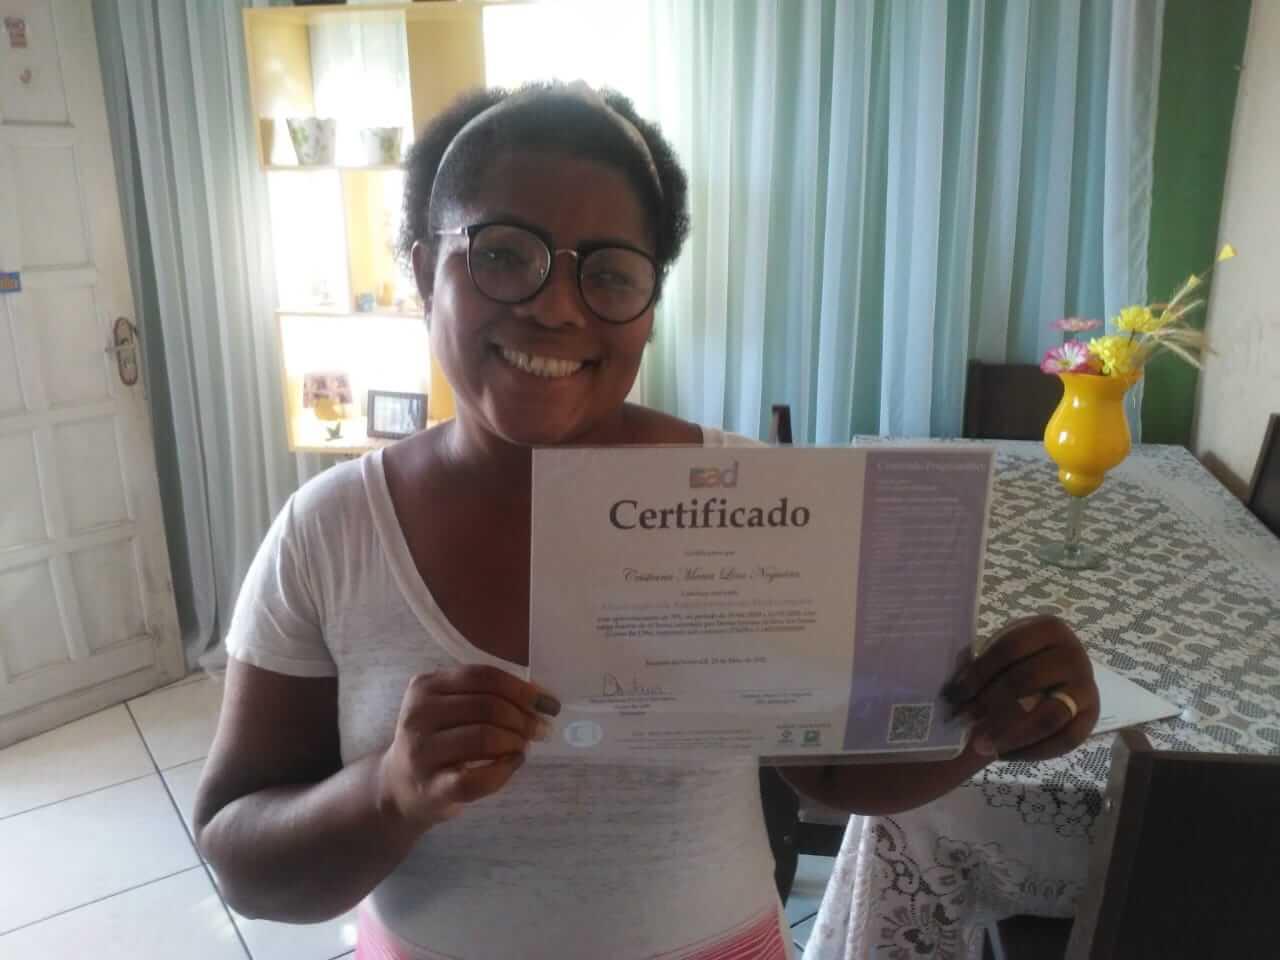 CRISTIANA MARIA LINO NOGUEIRA - ARRAIAL DO CABO - RJ